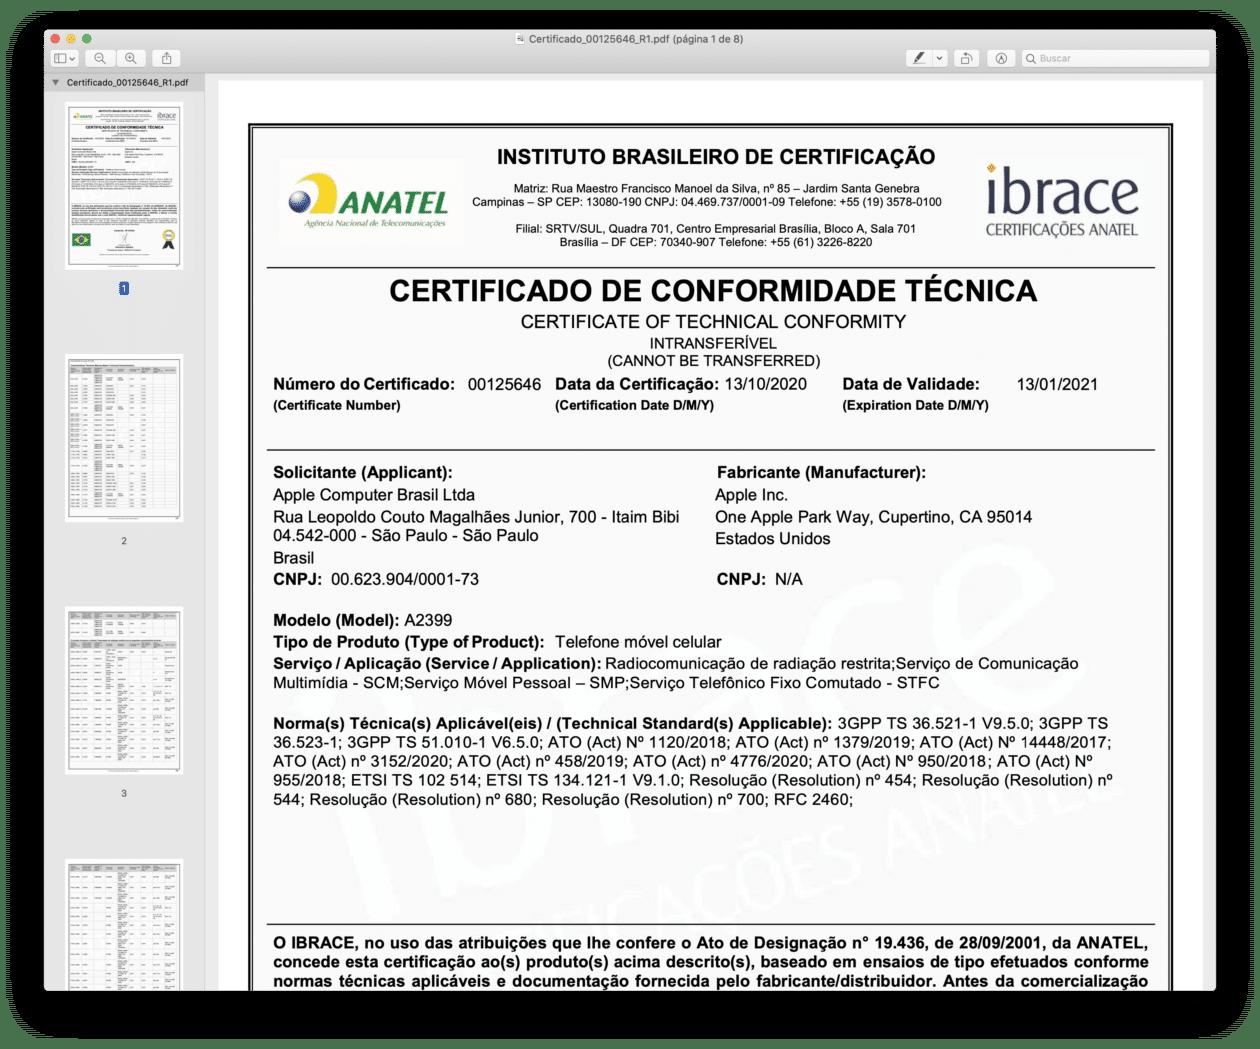 Certificado de Conformidade Técnica do iPhone 12 mini (A2399)